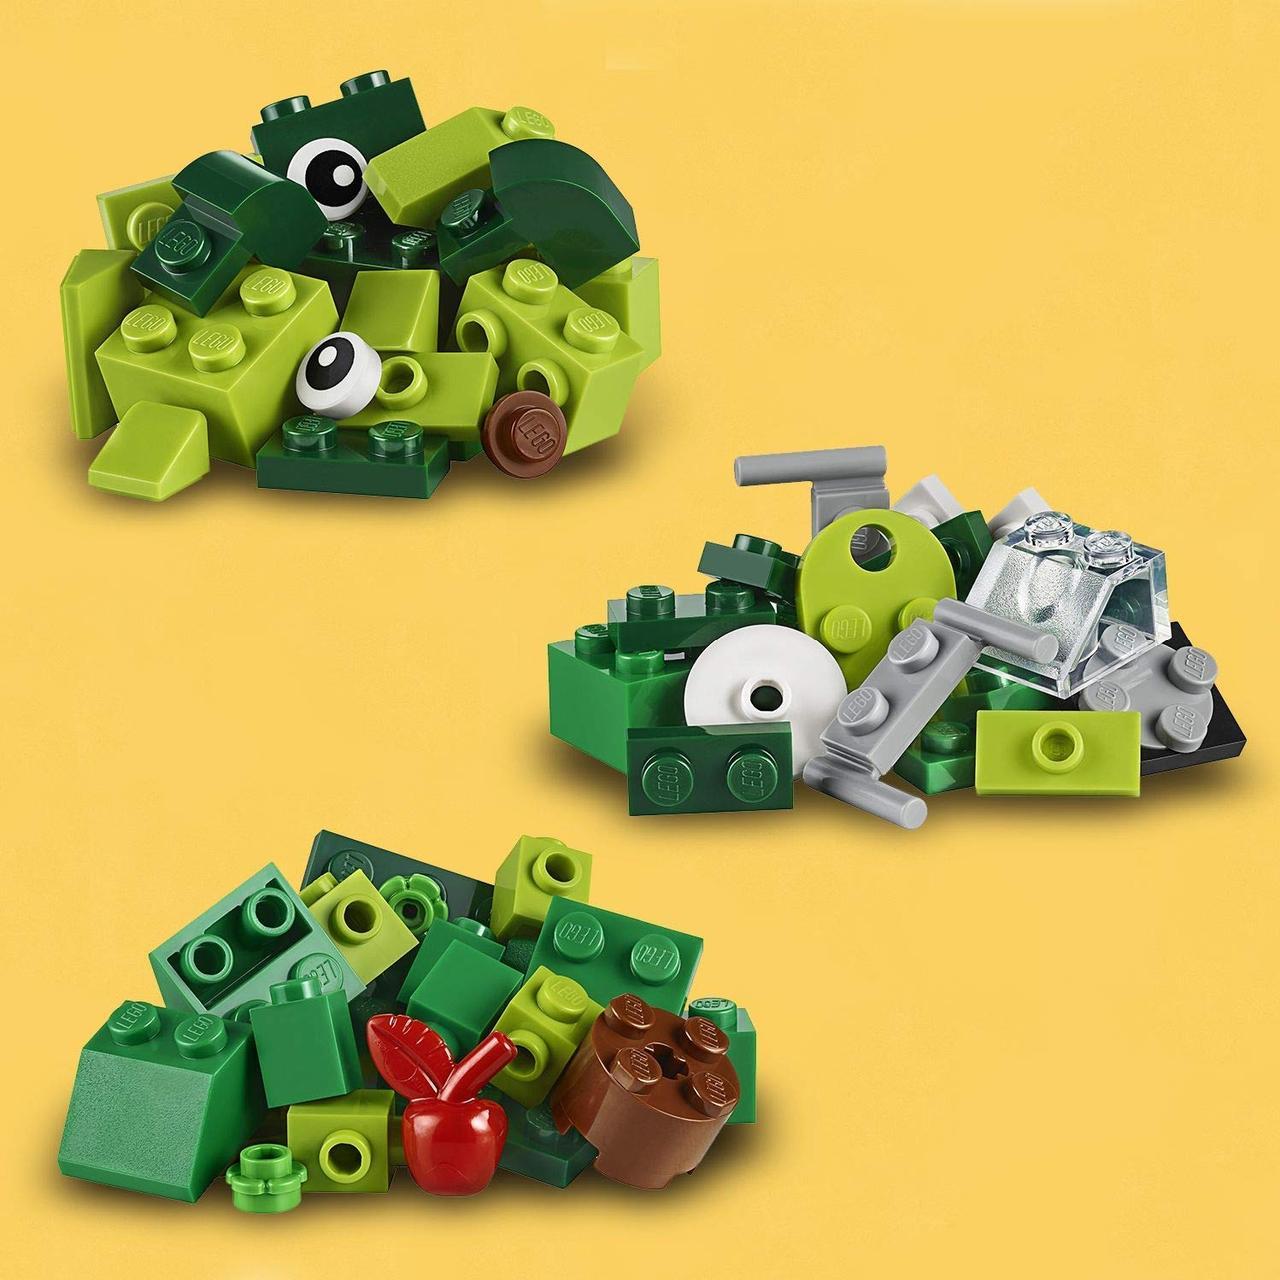 LEGO Classic 11007 Зеленый набор для конструирования, конструктор ЛЕГО - фото 4